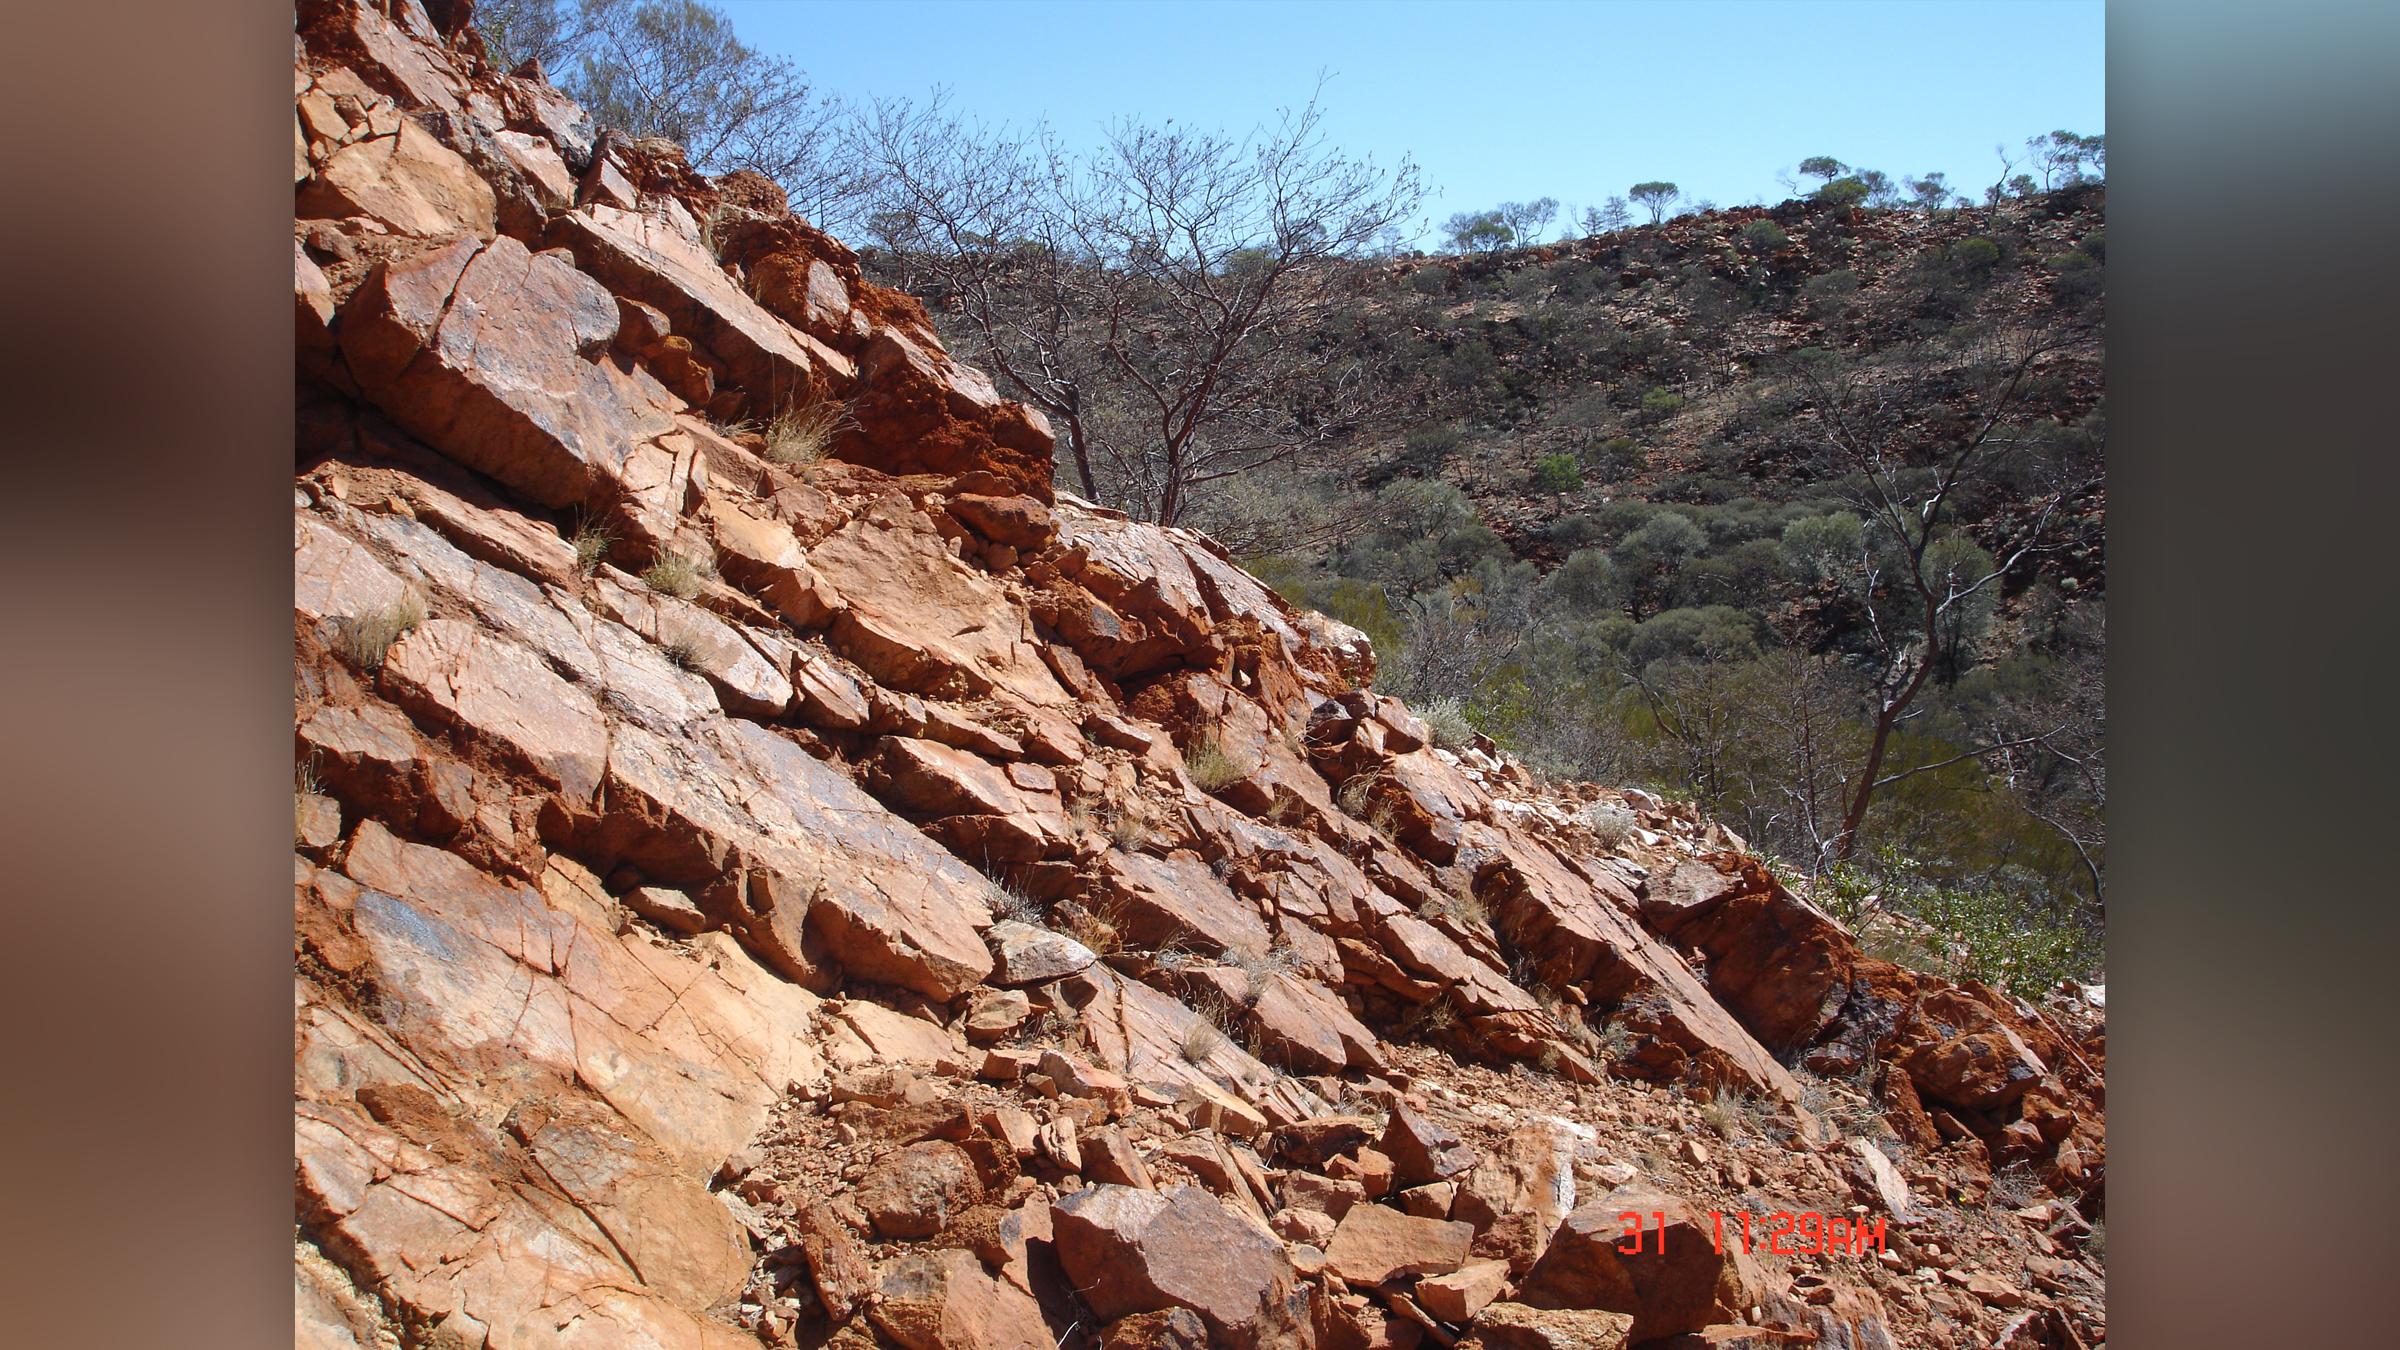 Les chercheurs ont prélevé 15 échantillons de roche de la taille d'un pamplemousse de Jack Hills.